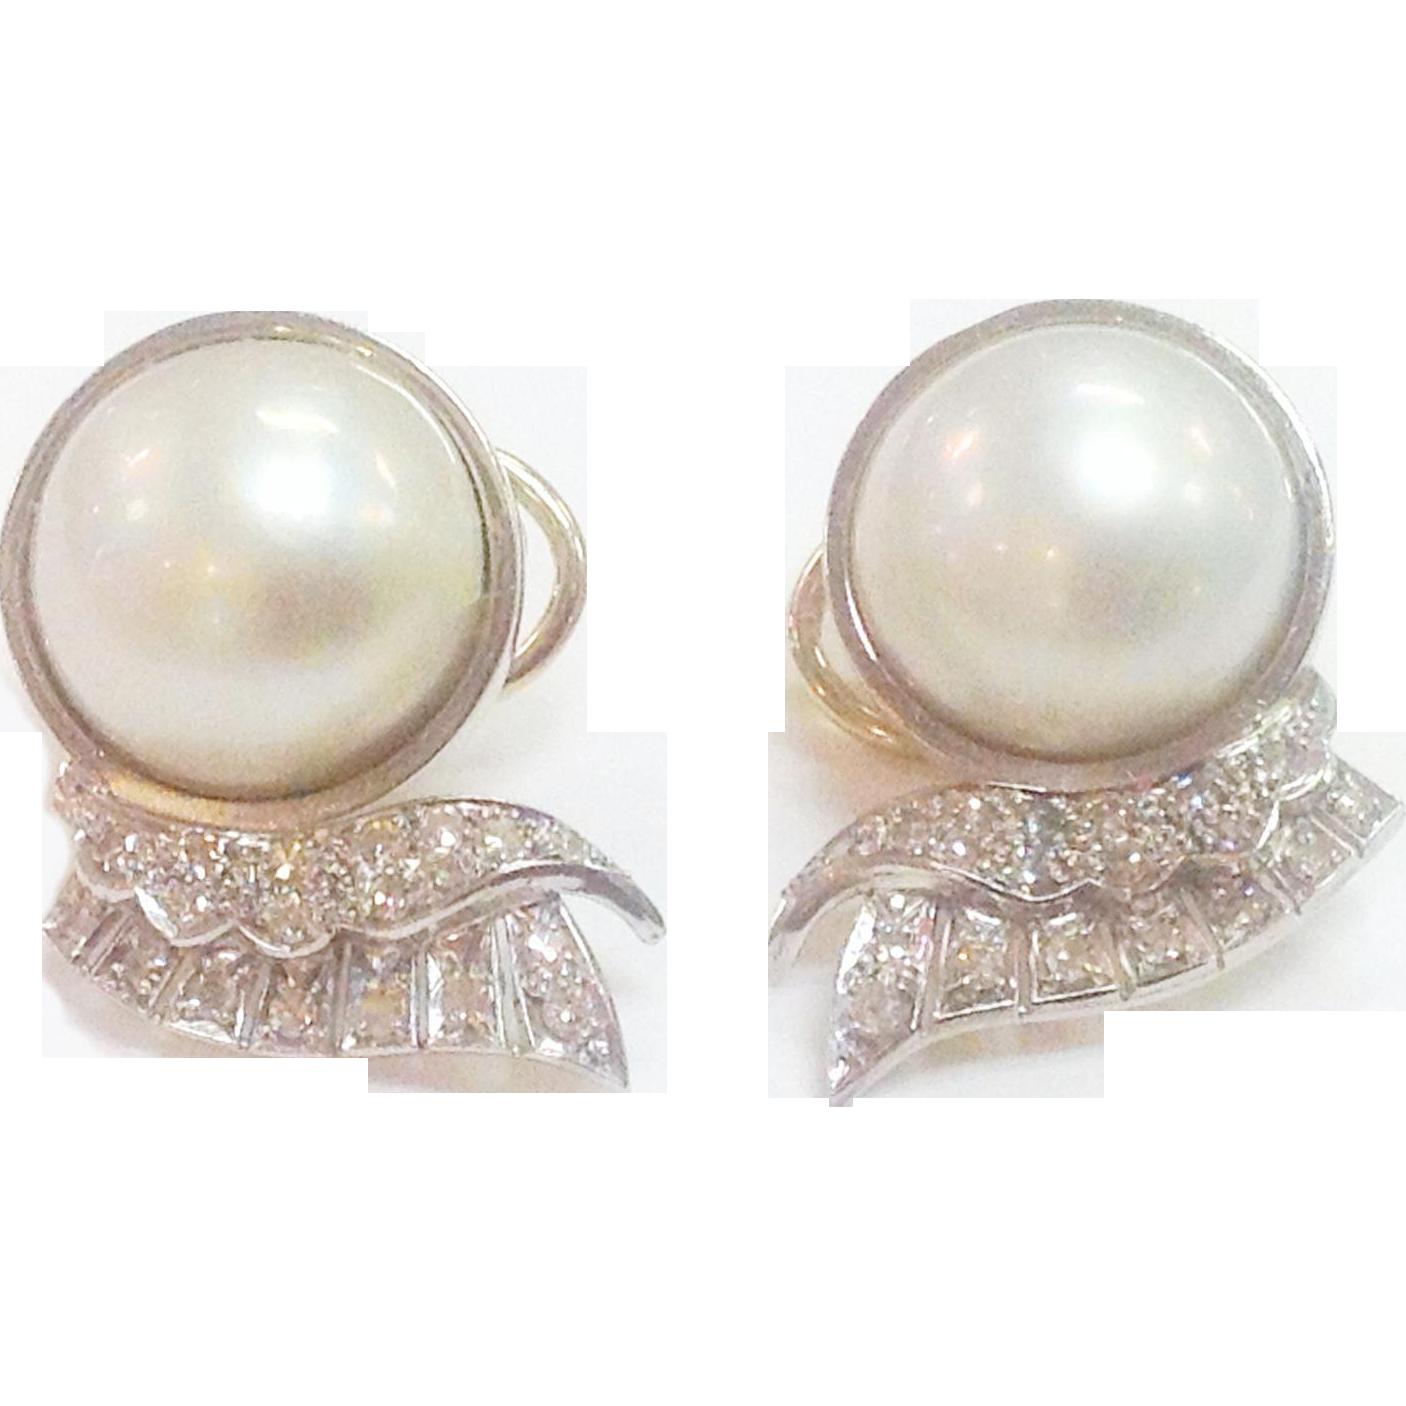 14 karat estate mabe pearl earrings from goddessandco